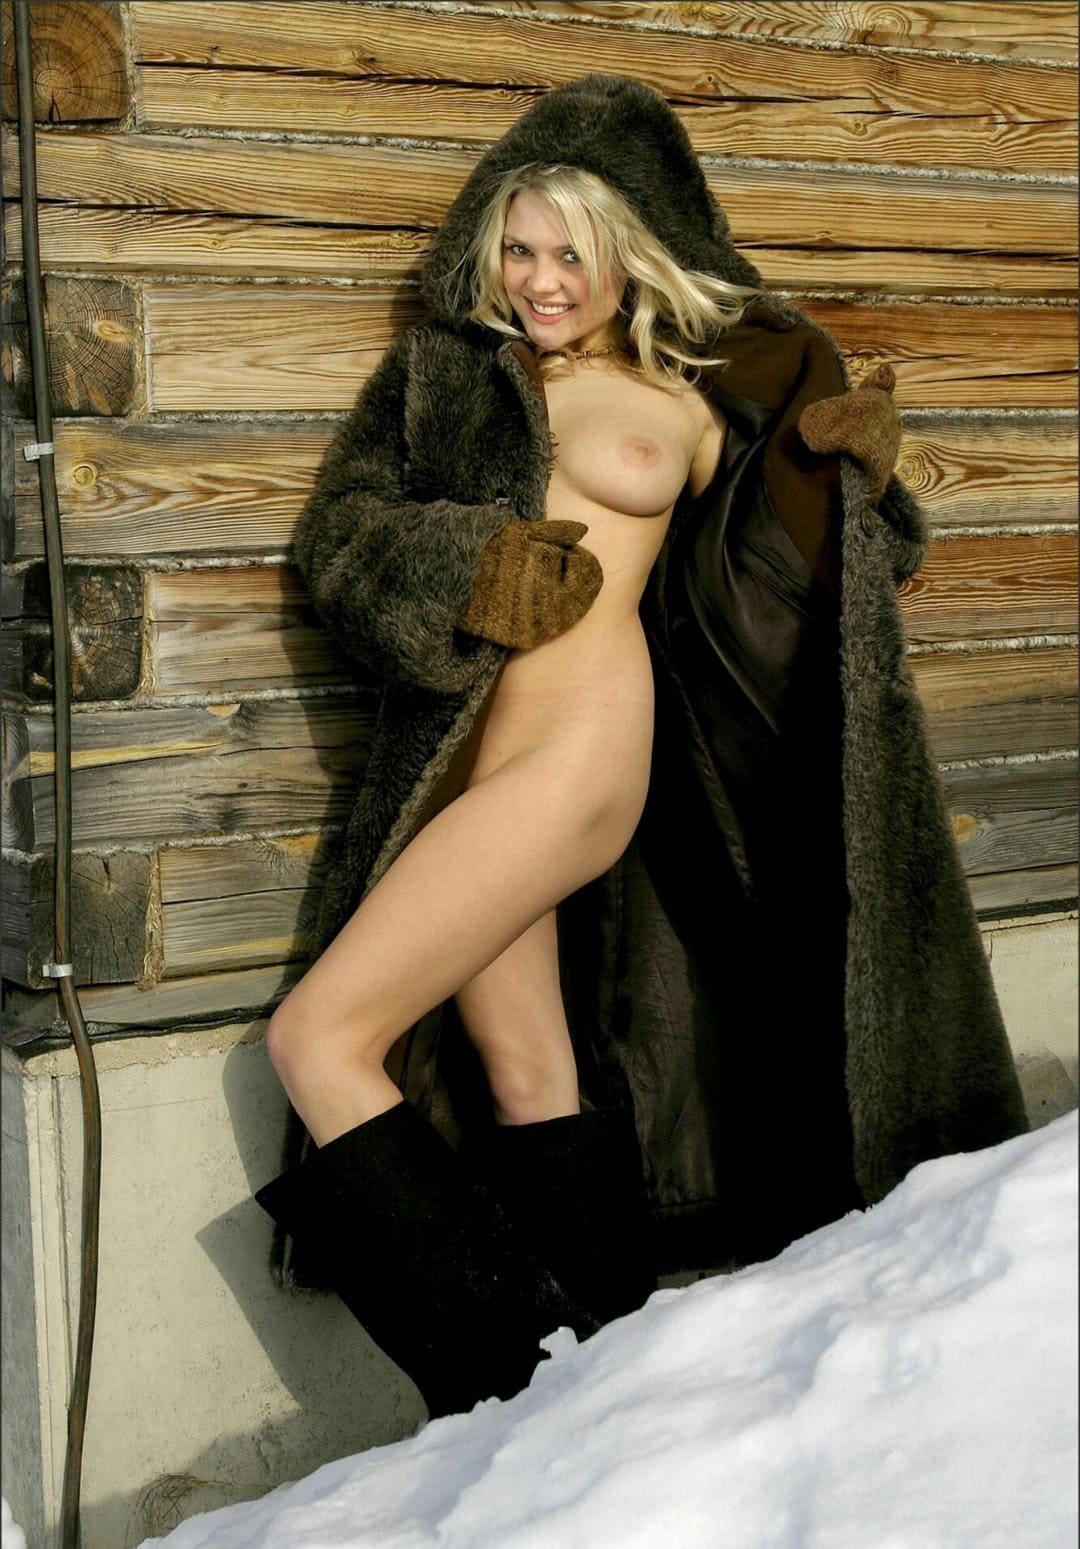 фото голых девушек шубах у деревянного дома русская блондинка распахнула полы своей длинной шубы, в валенках, в толстых вязаных варежках стоит улыбается